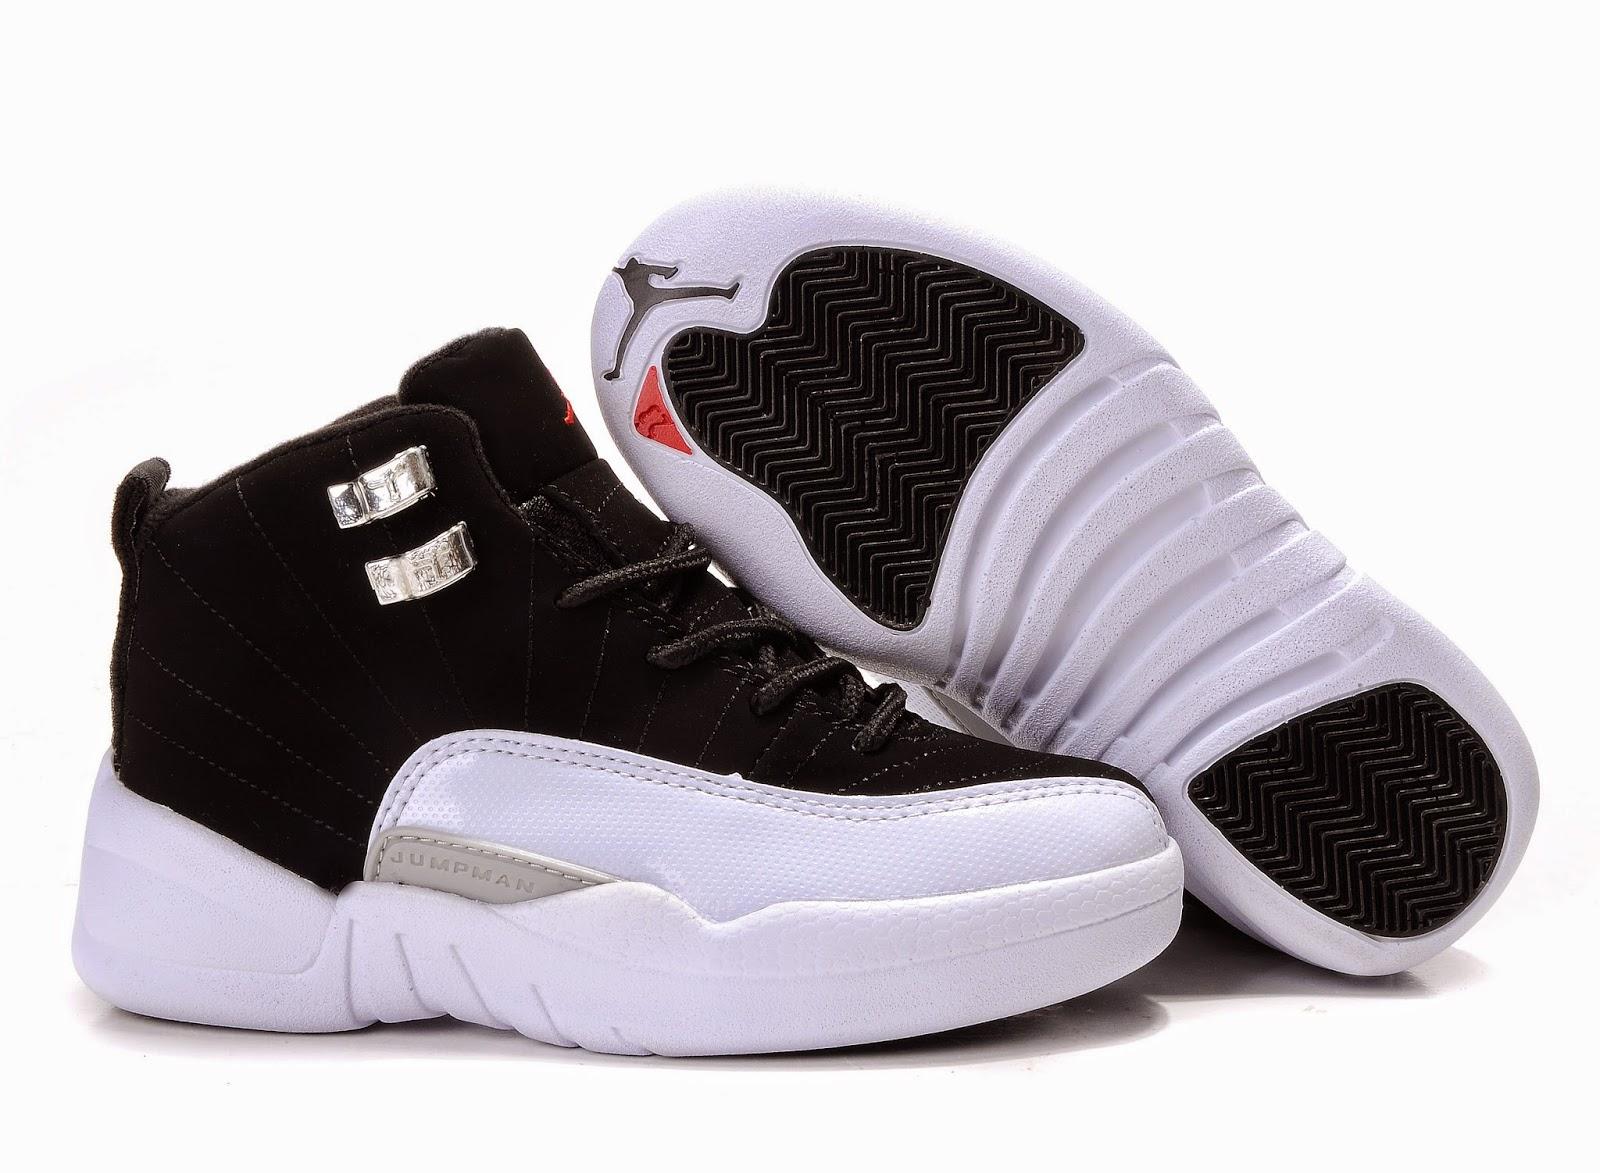 size 40 e52e9 0408a Replica Cheap Kids Nike Shoes online Replica Kids Jordan ...